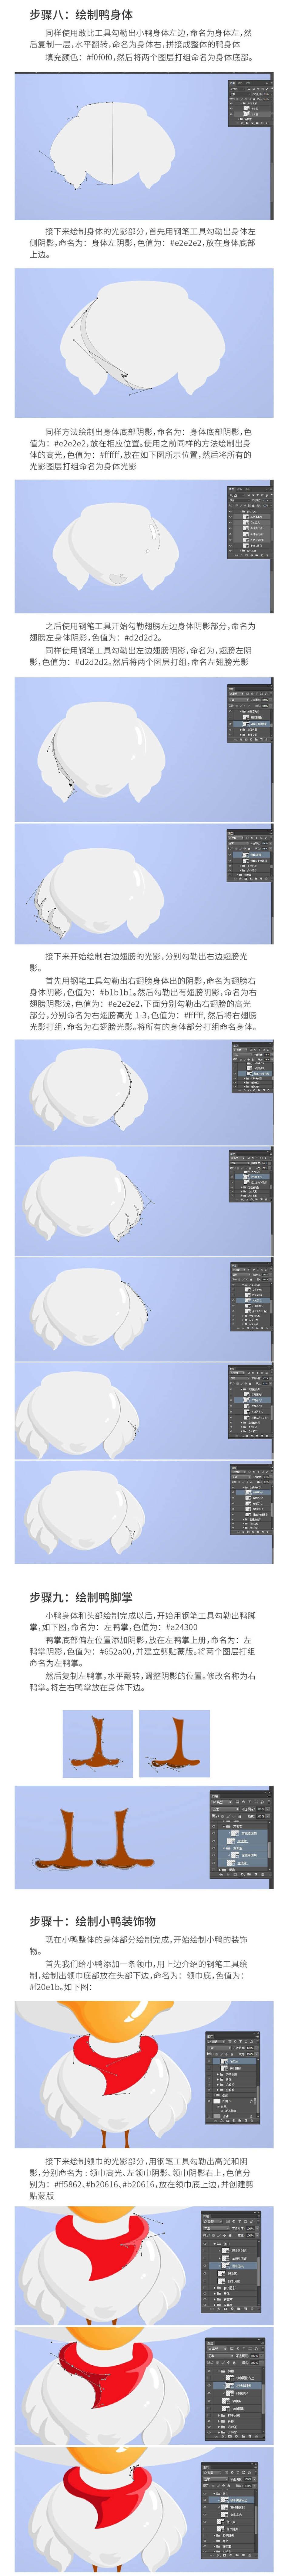 Photoshop绘制带着眼镜的萌萌小鸭子,PS教程,素材中国网